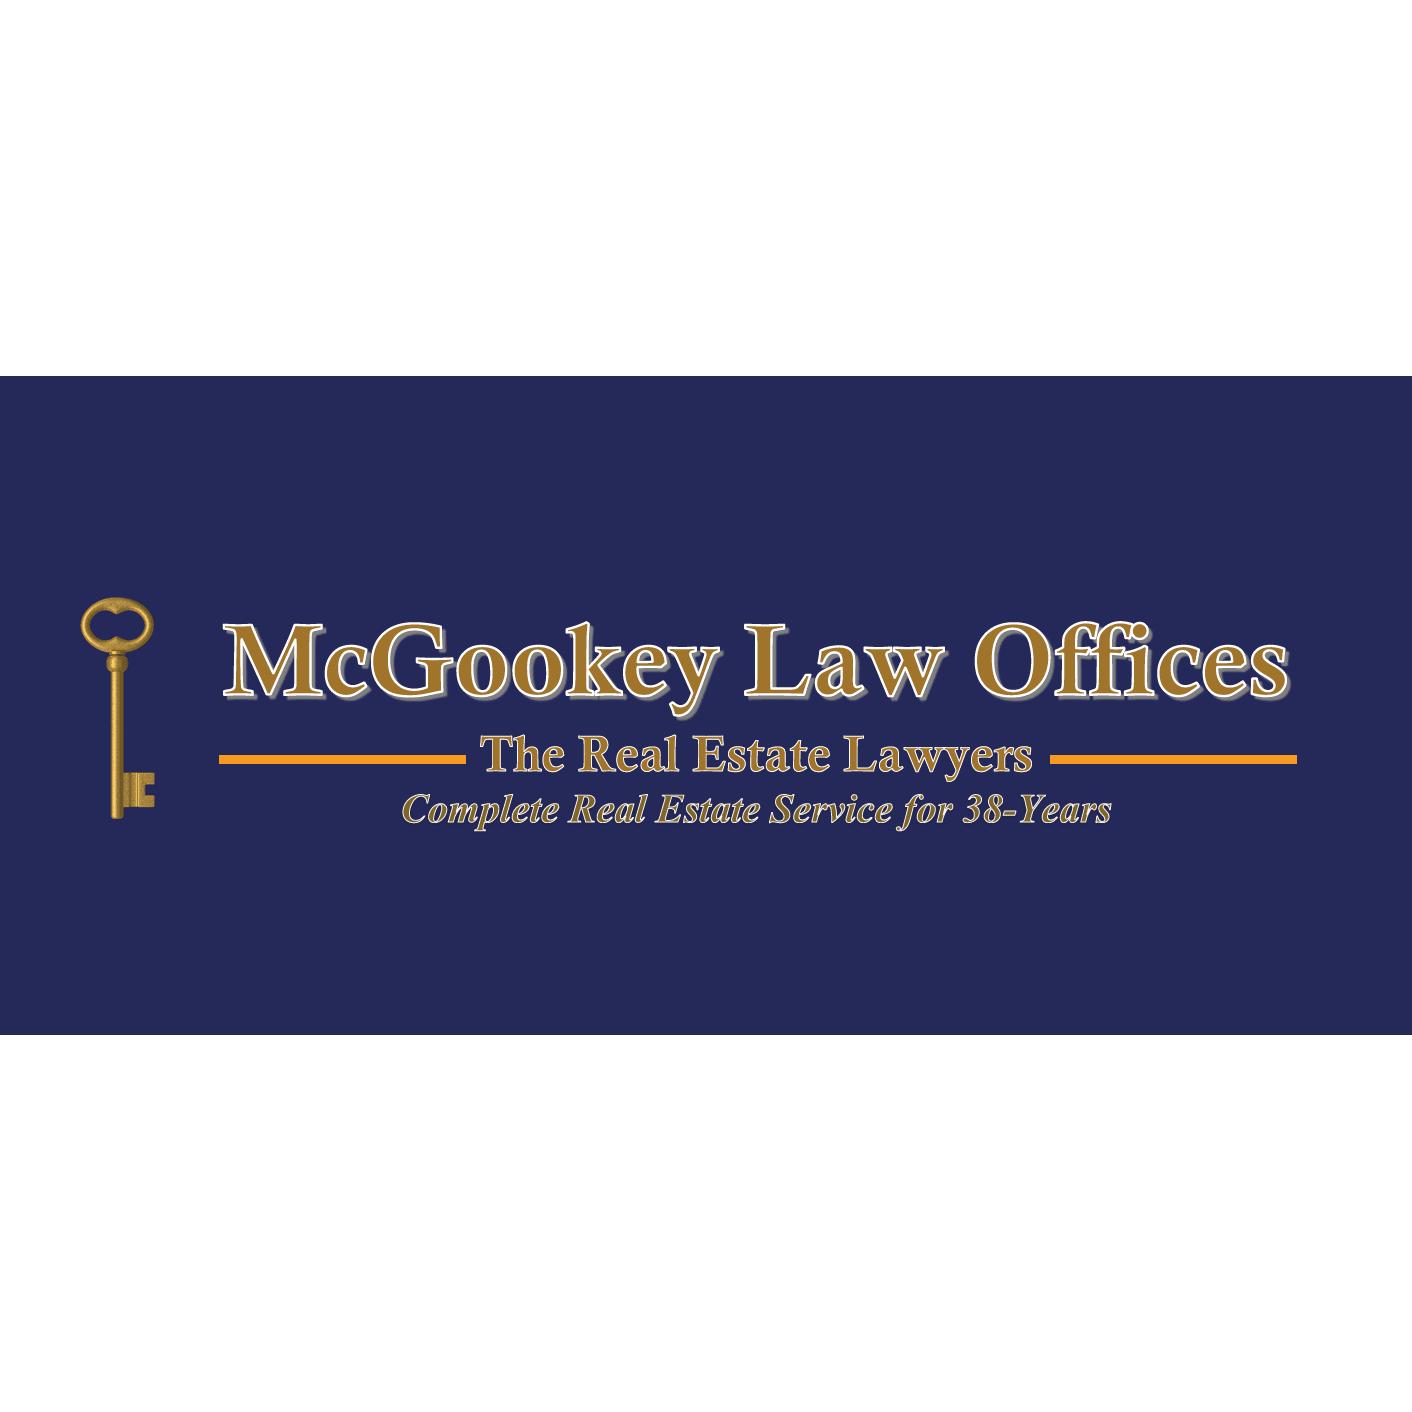 McGookey Law Offices